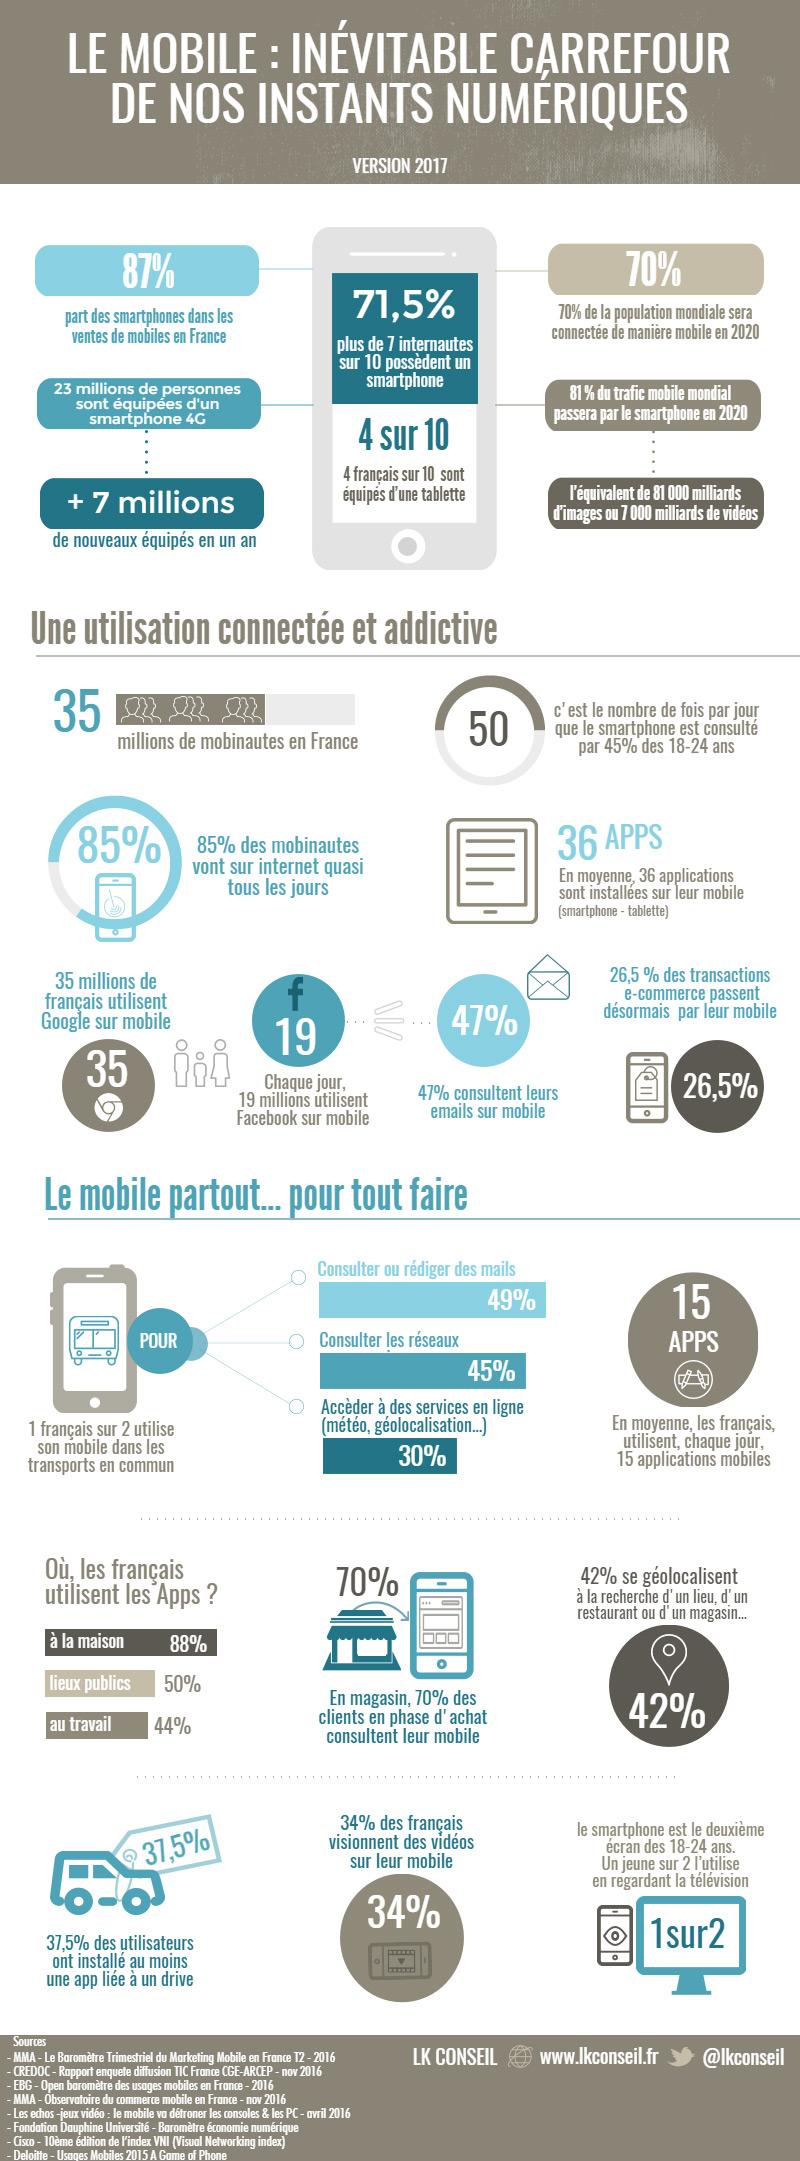 Mobile : carrefour de nos instants numériques